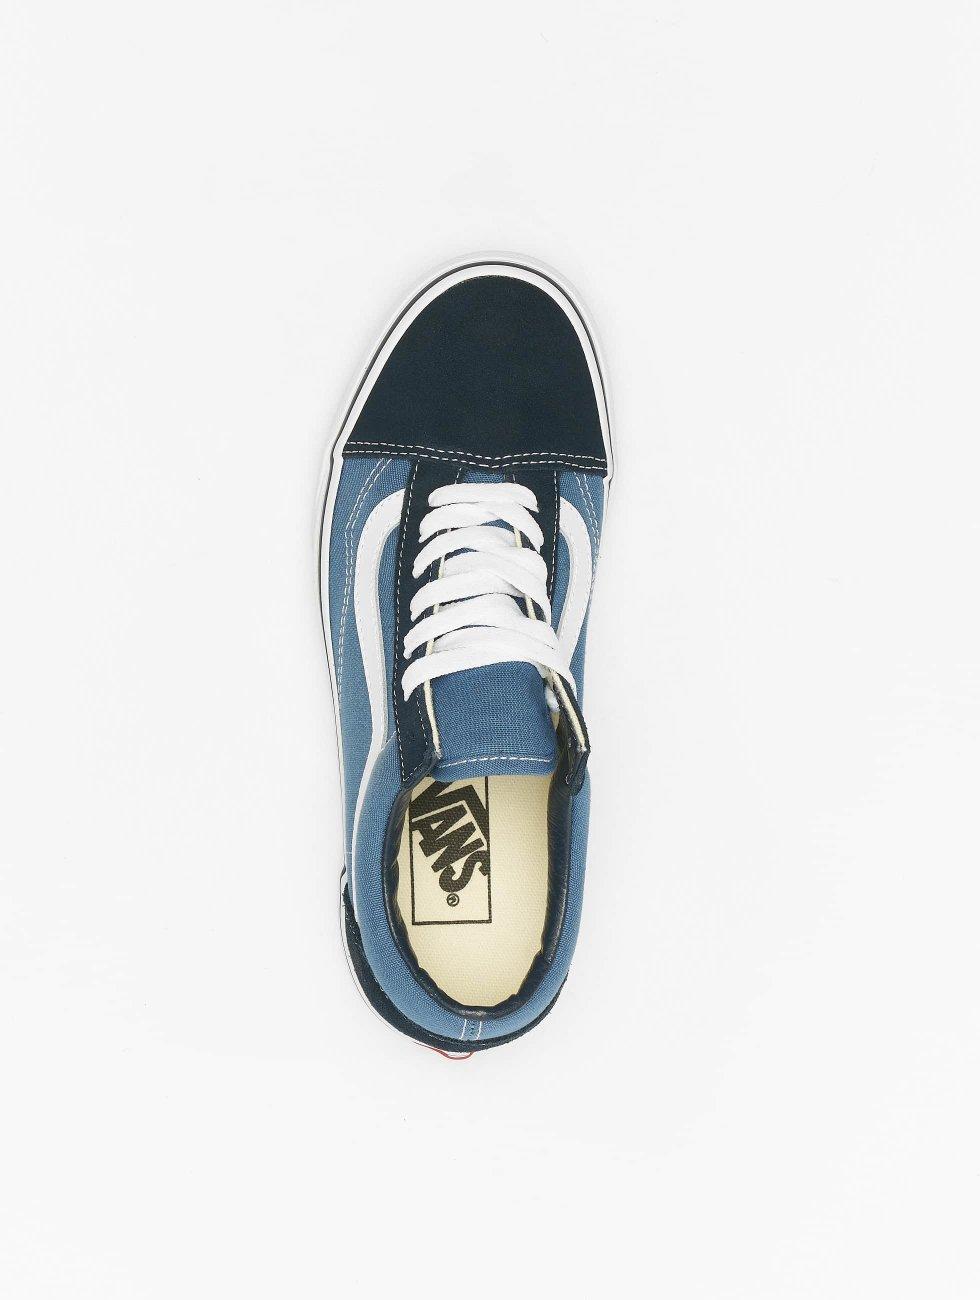 Vans schoen / sneaker UA Old Skool in blauw 303761 Outlet Nieuwe Stijlen bezoek Geweldige Prijs lymsaGm